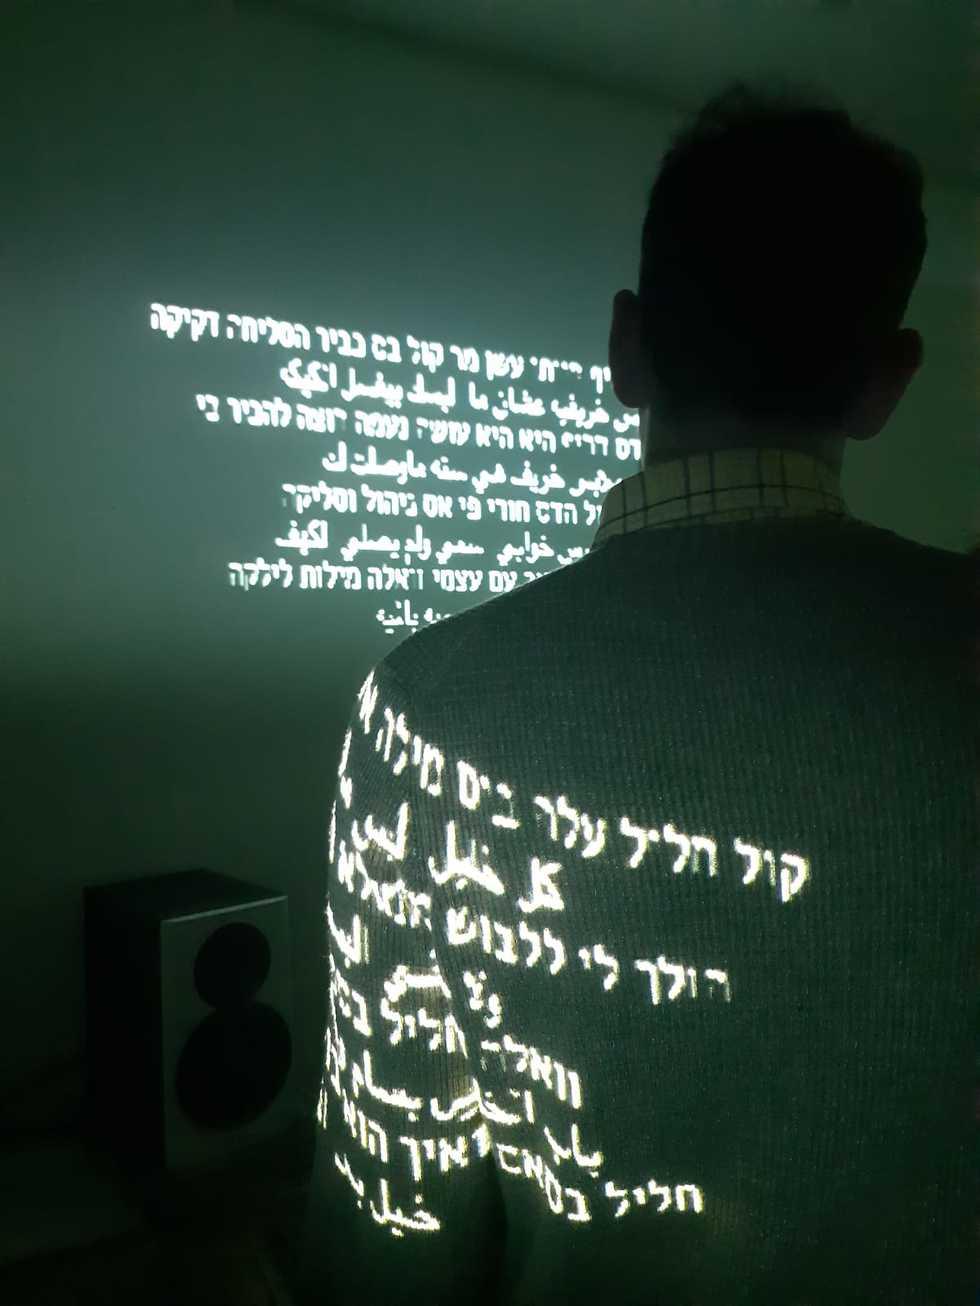 מתוך העבודה speaking in tongues (צילום: דור זליכה לוי)